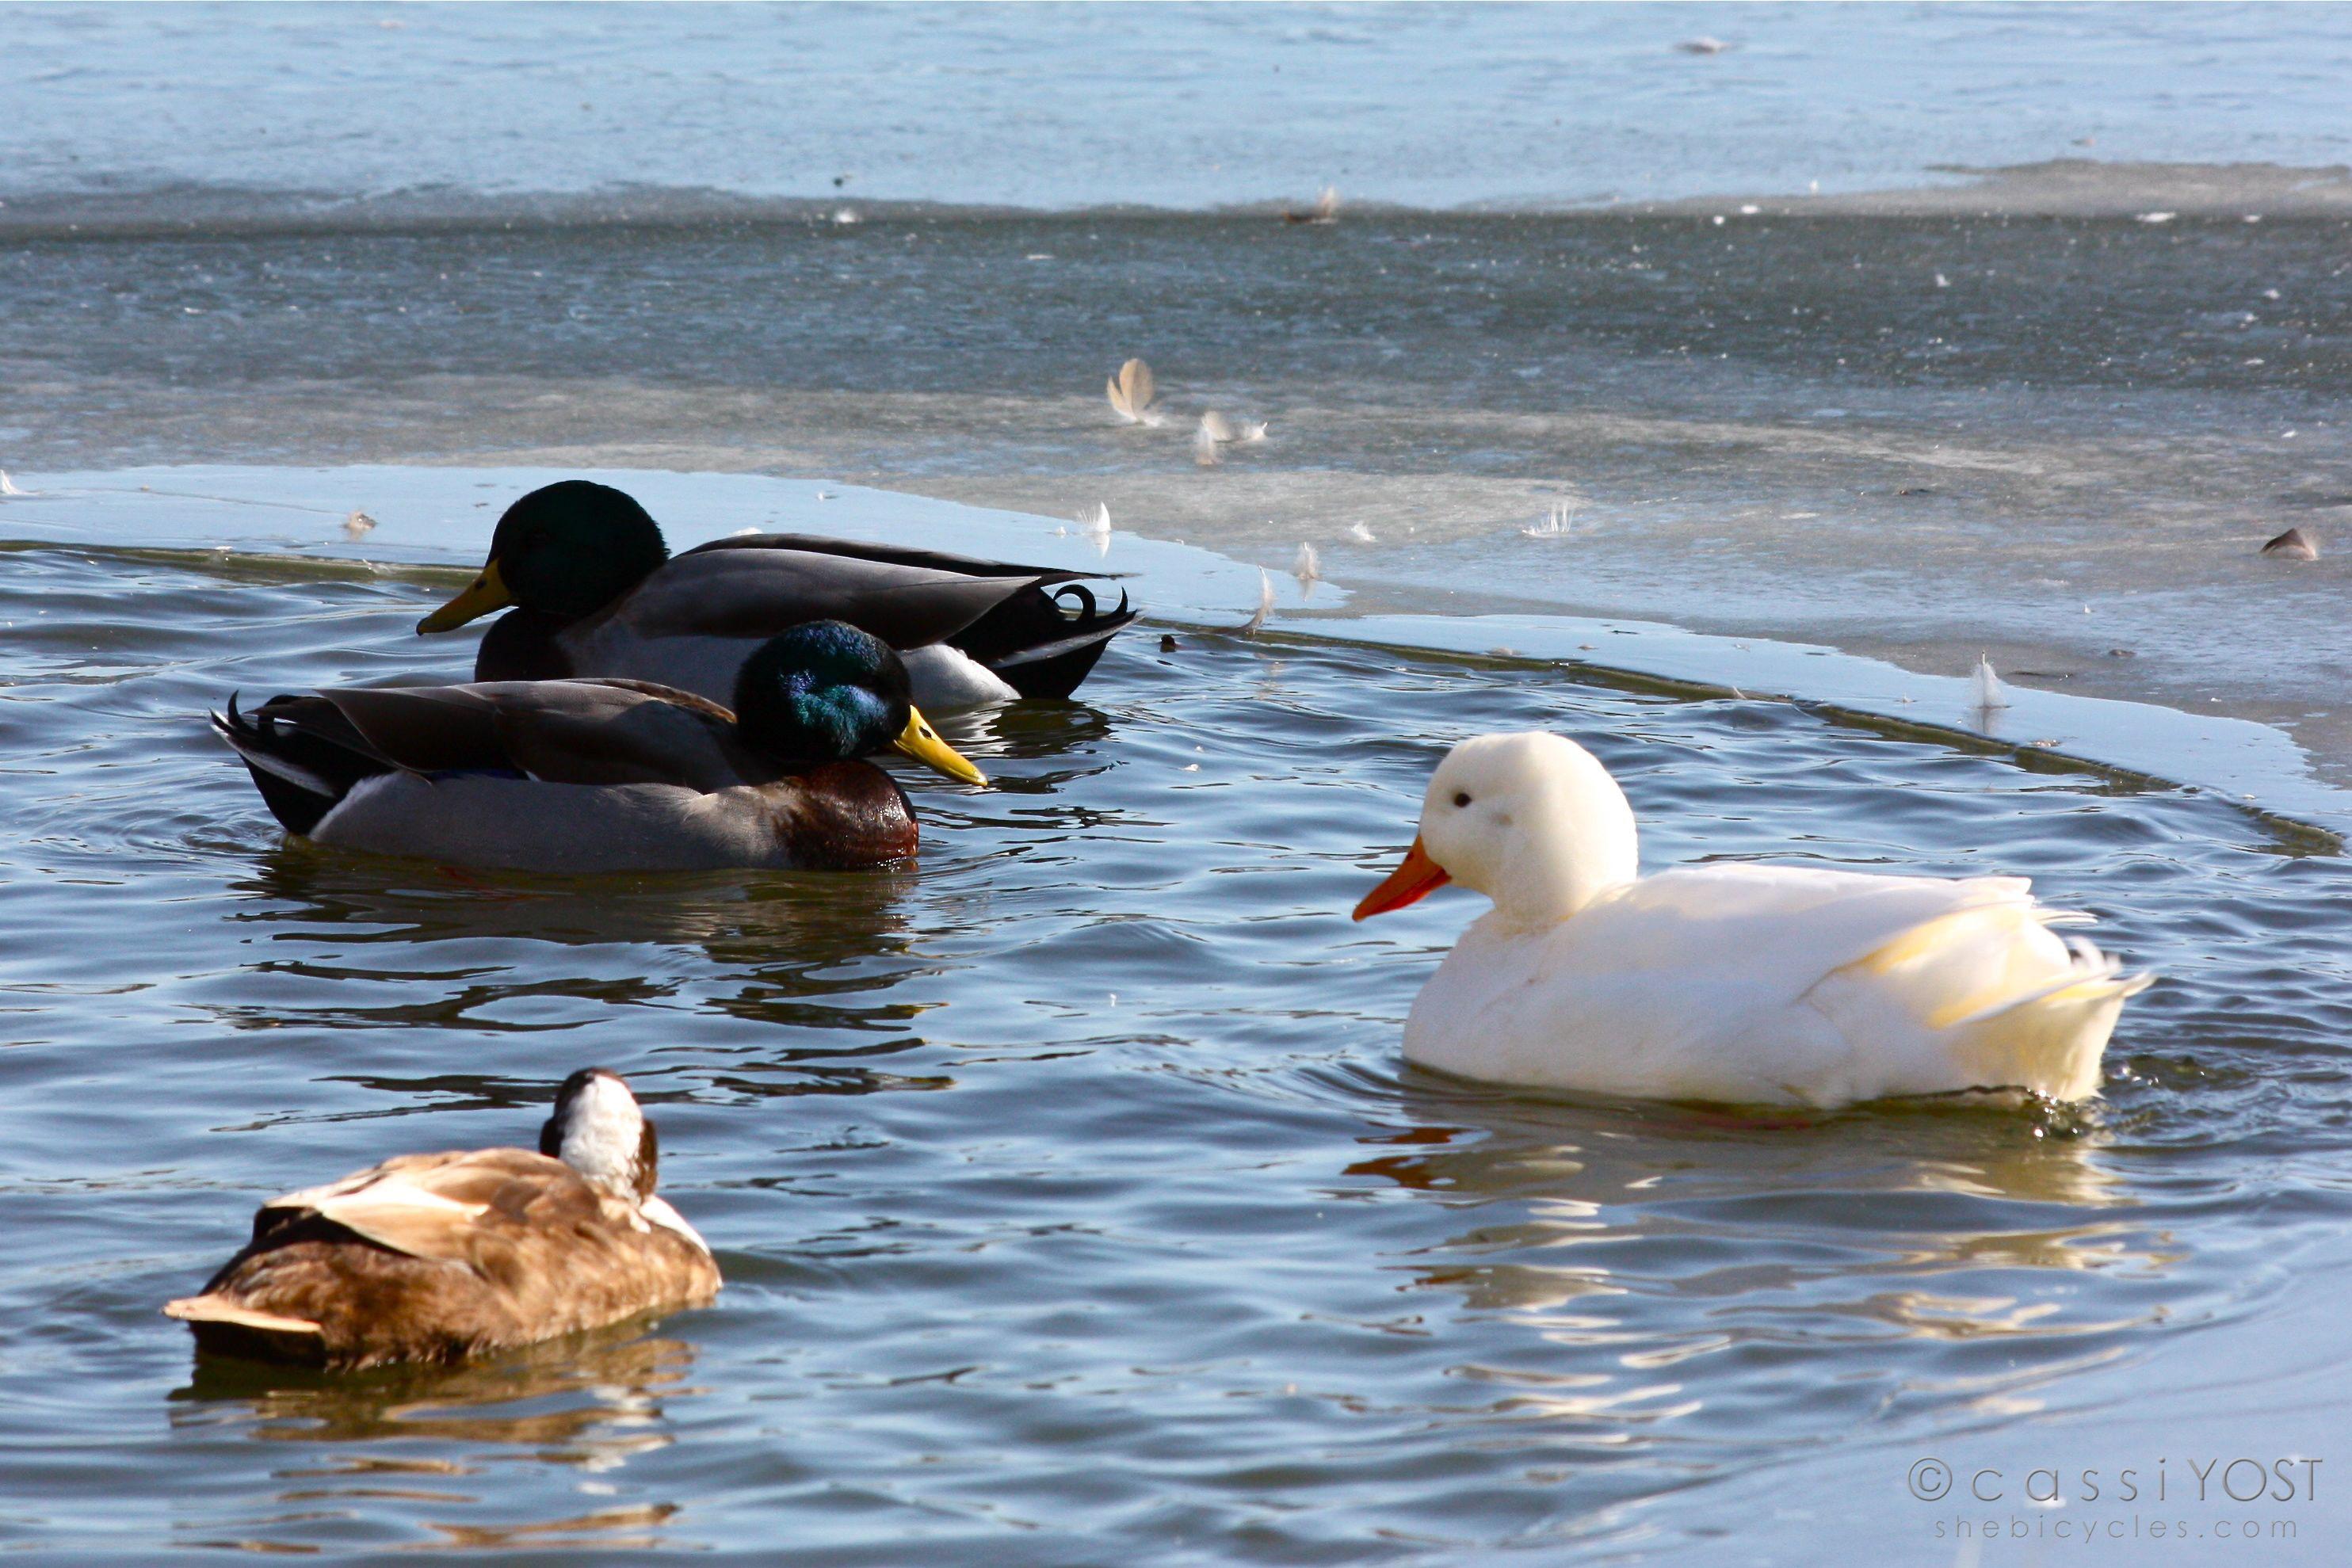 Shrinking wintertime real estate for the ducks.